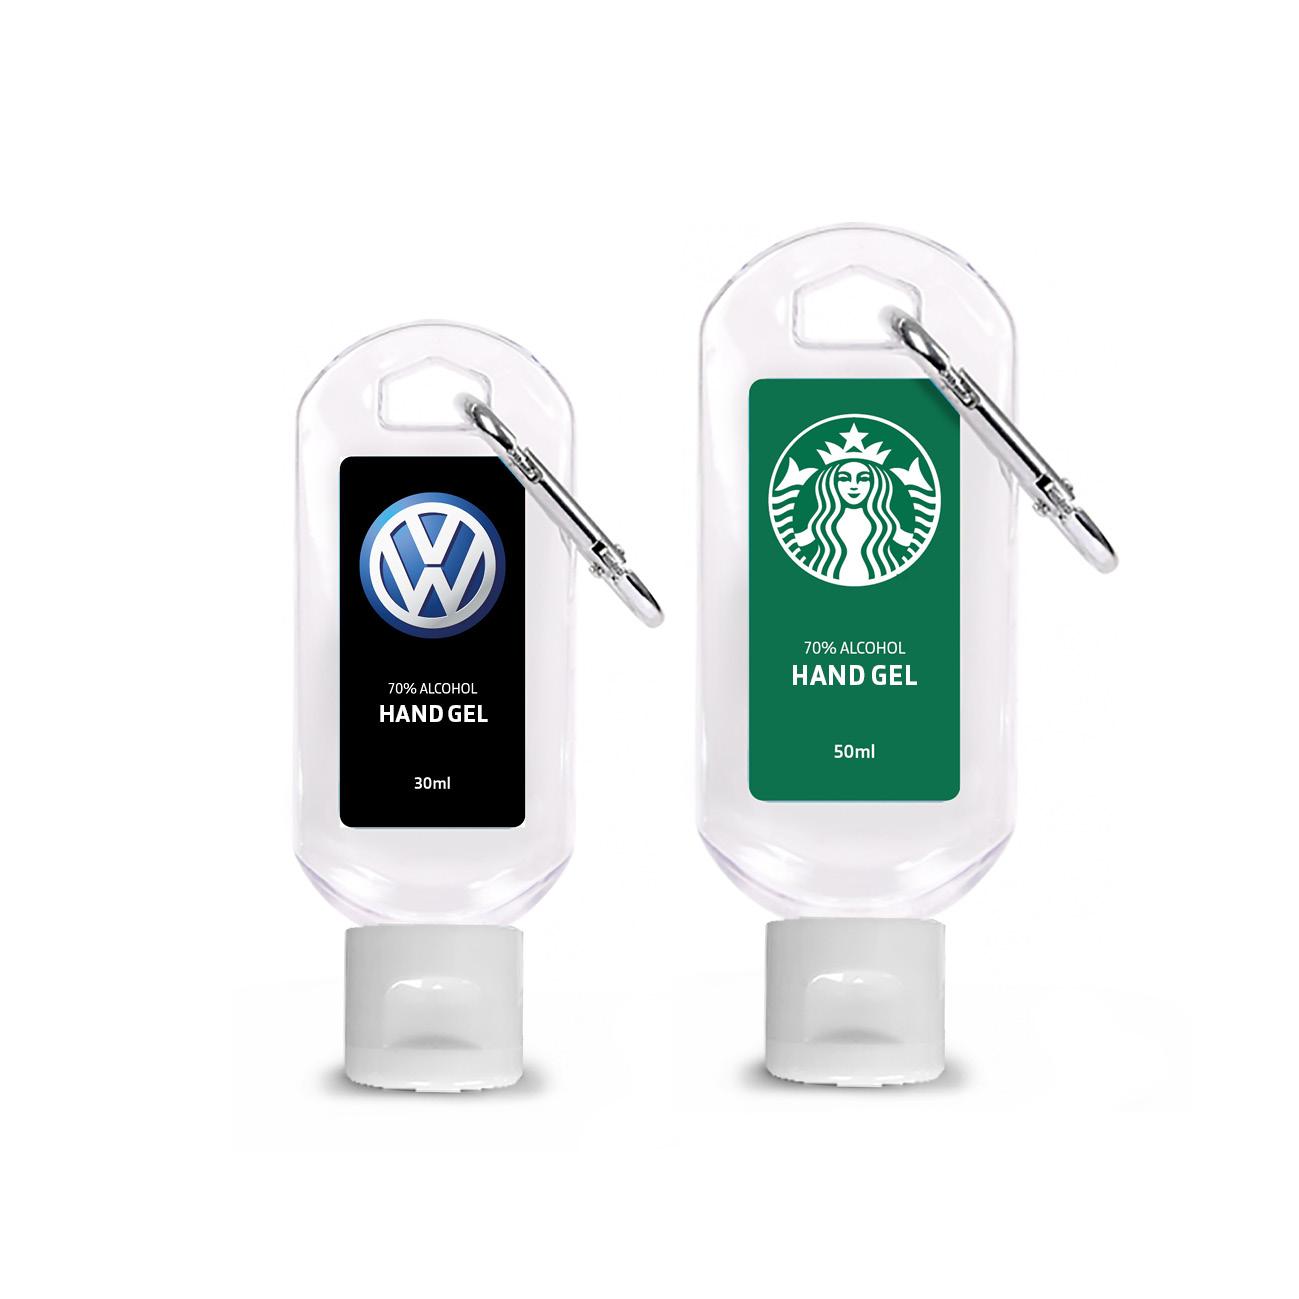 30ml & 50ml Carabiner Sanitiser_VW & Starbucks